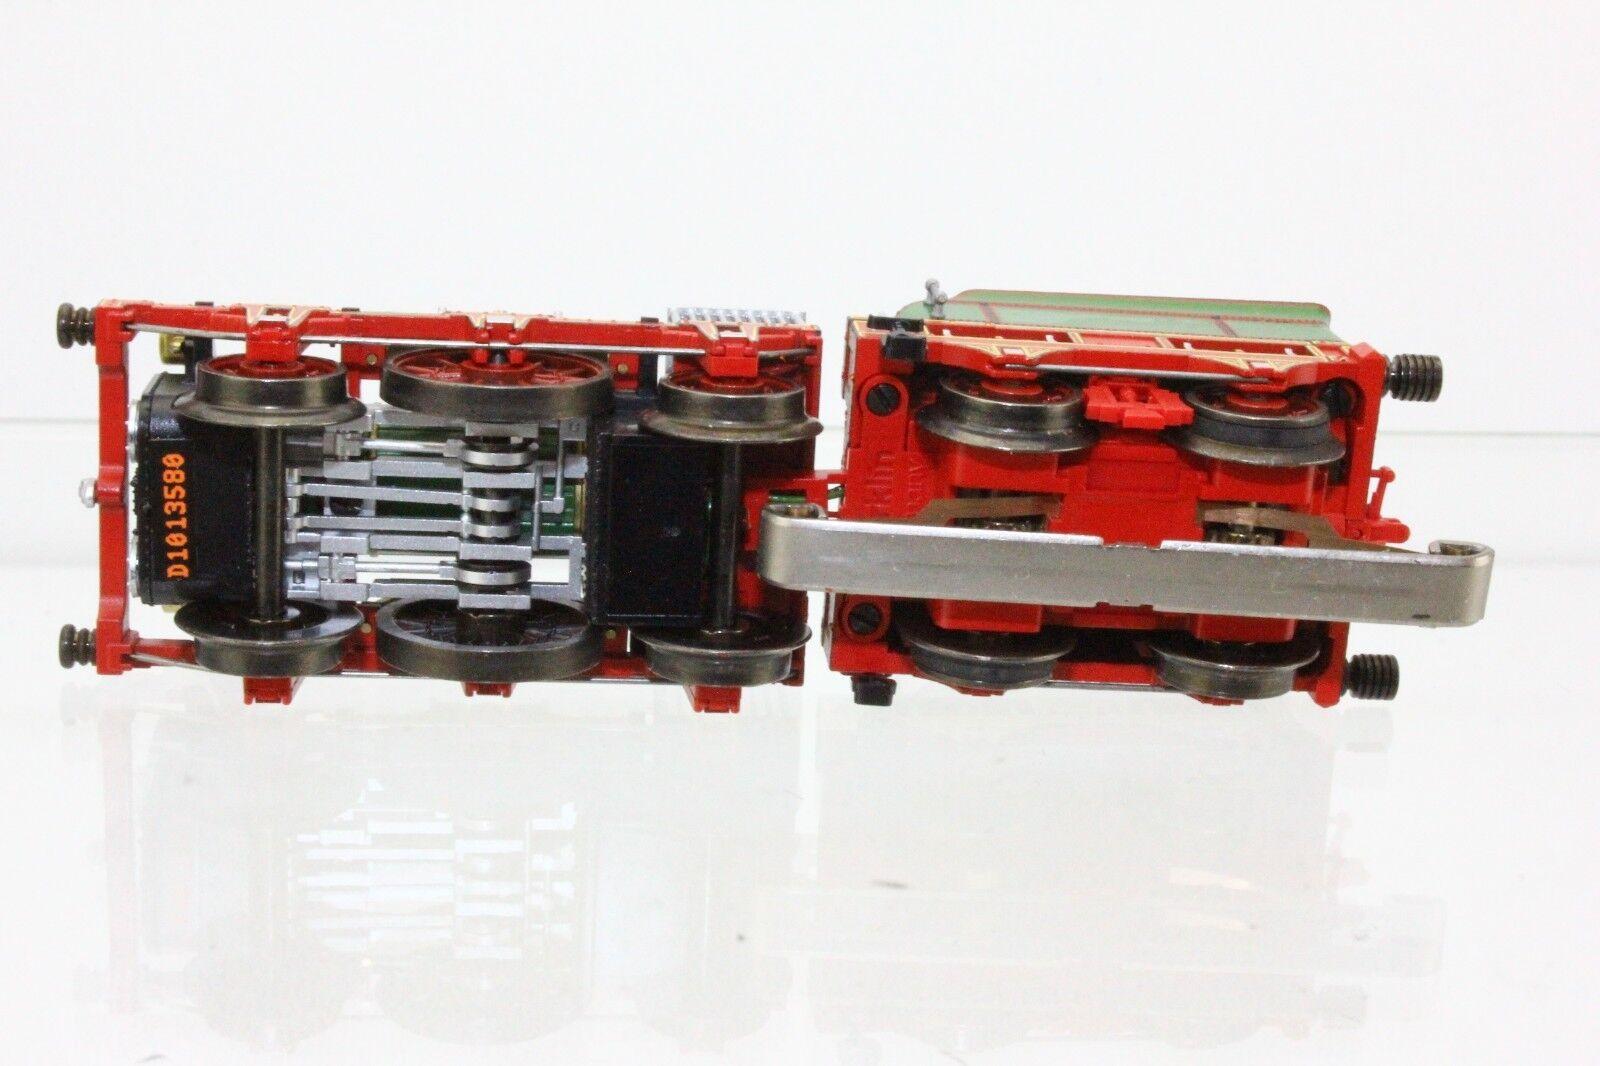 Märklin 26350 Dampflok Adler Digital incl. Tender Neuwertig    | Elegante und robuste Verpackung  97b7f4